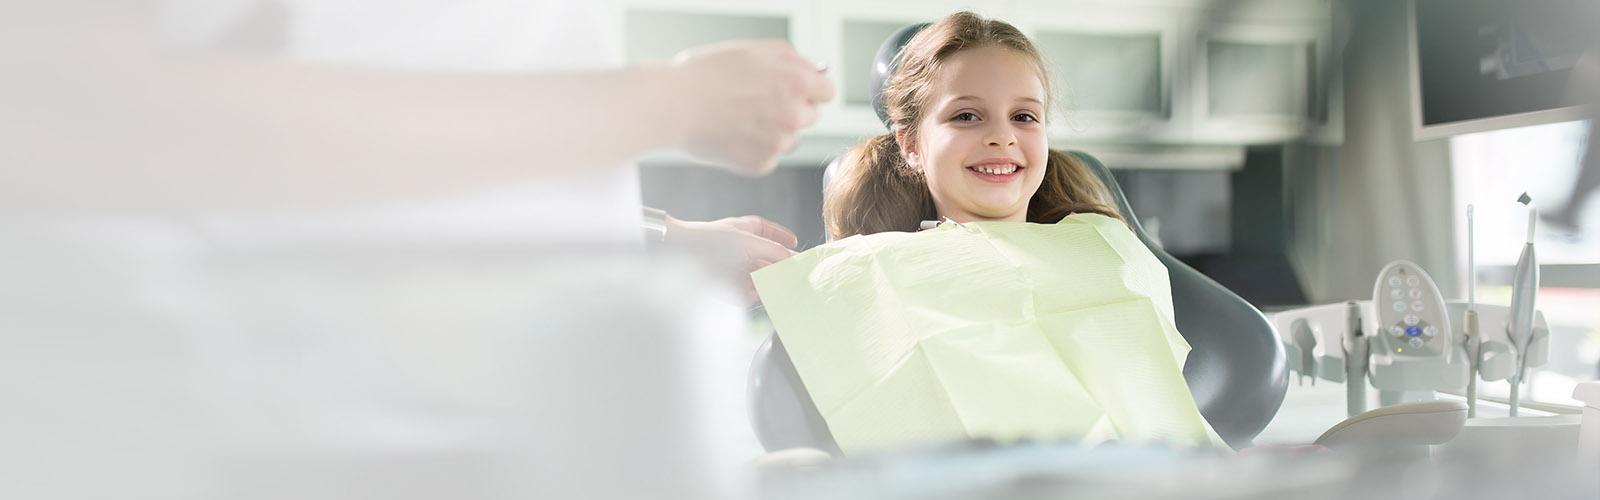 clínica-dental-para-niños-en-delhi